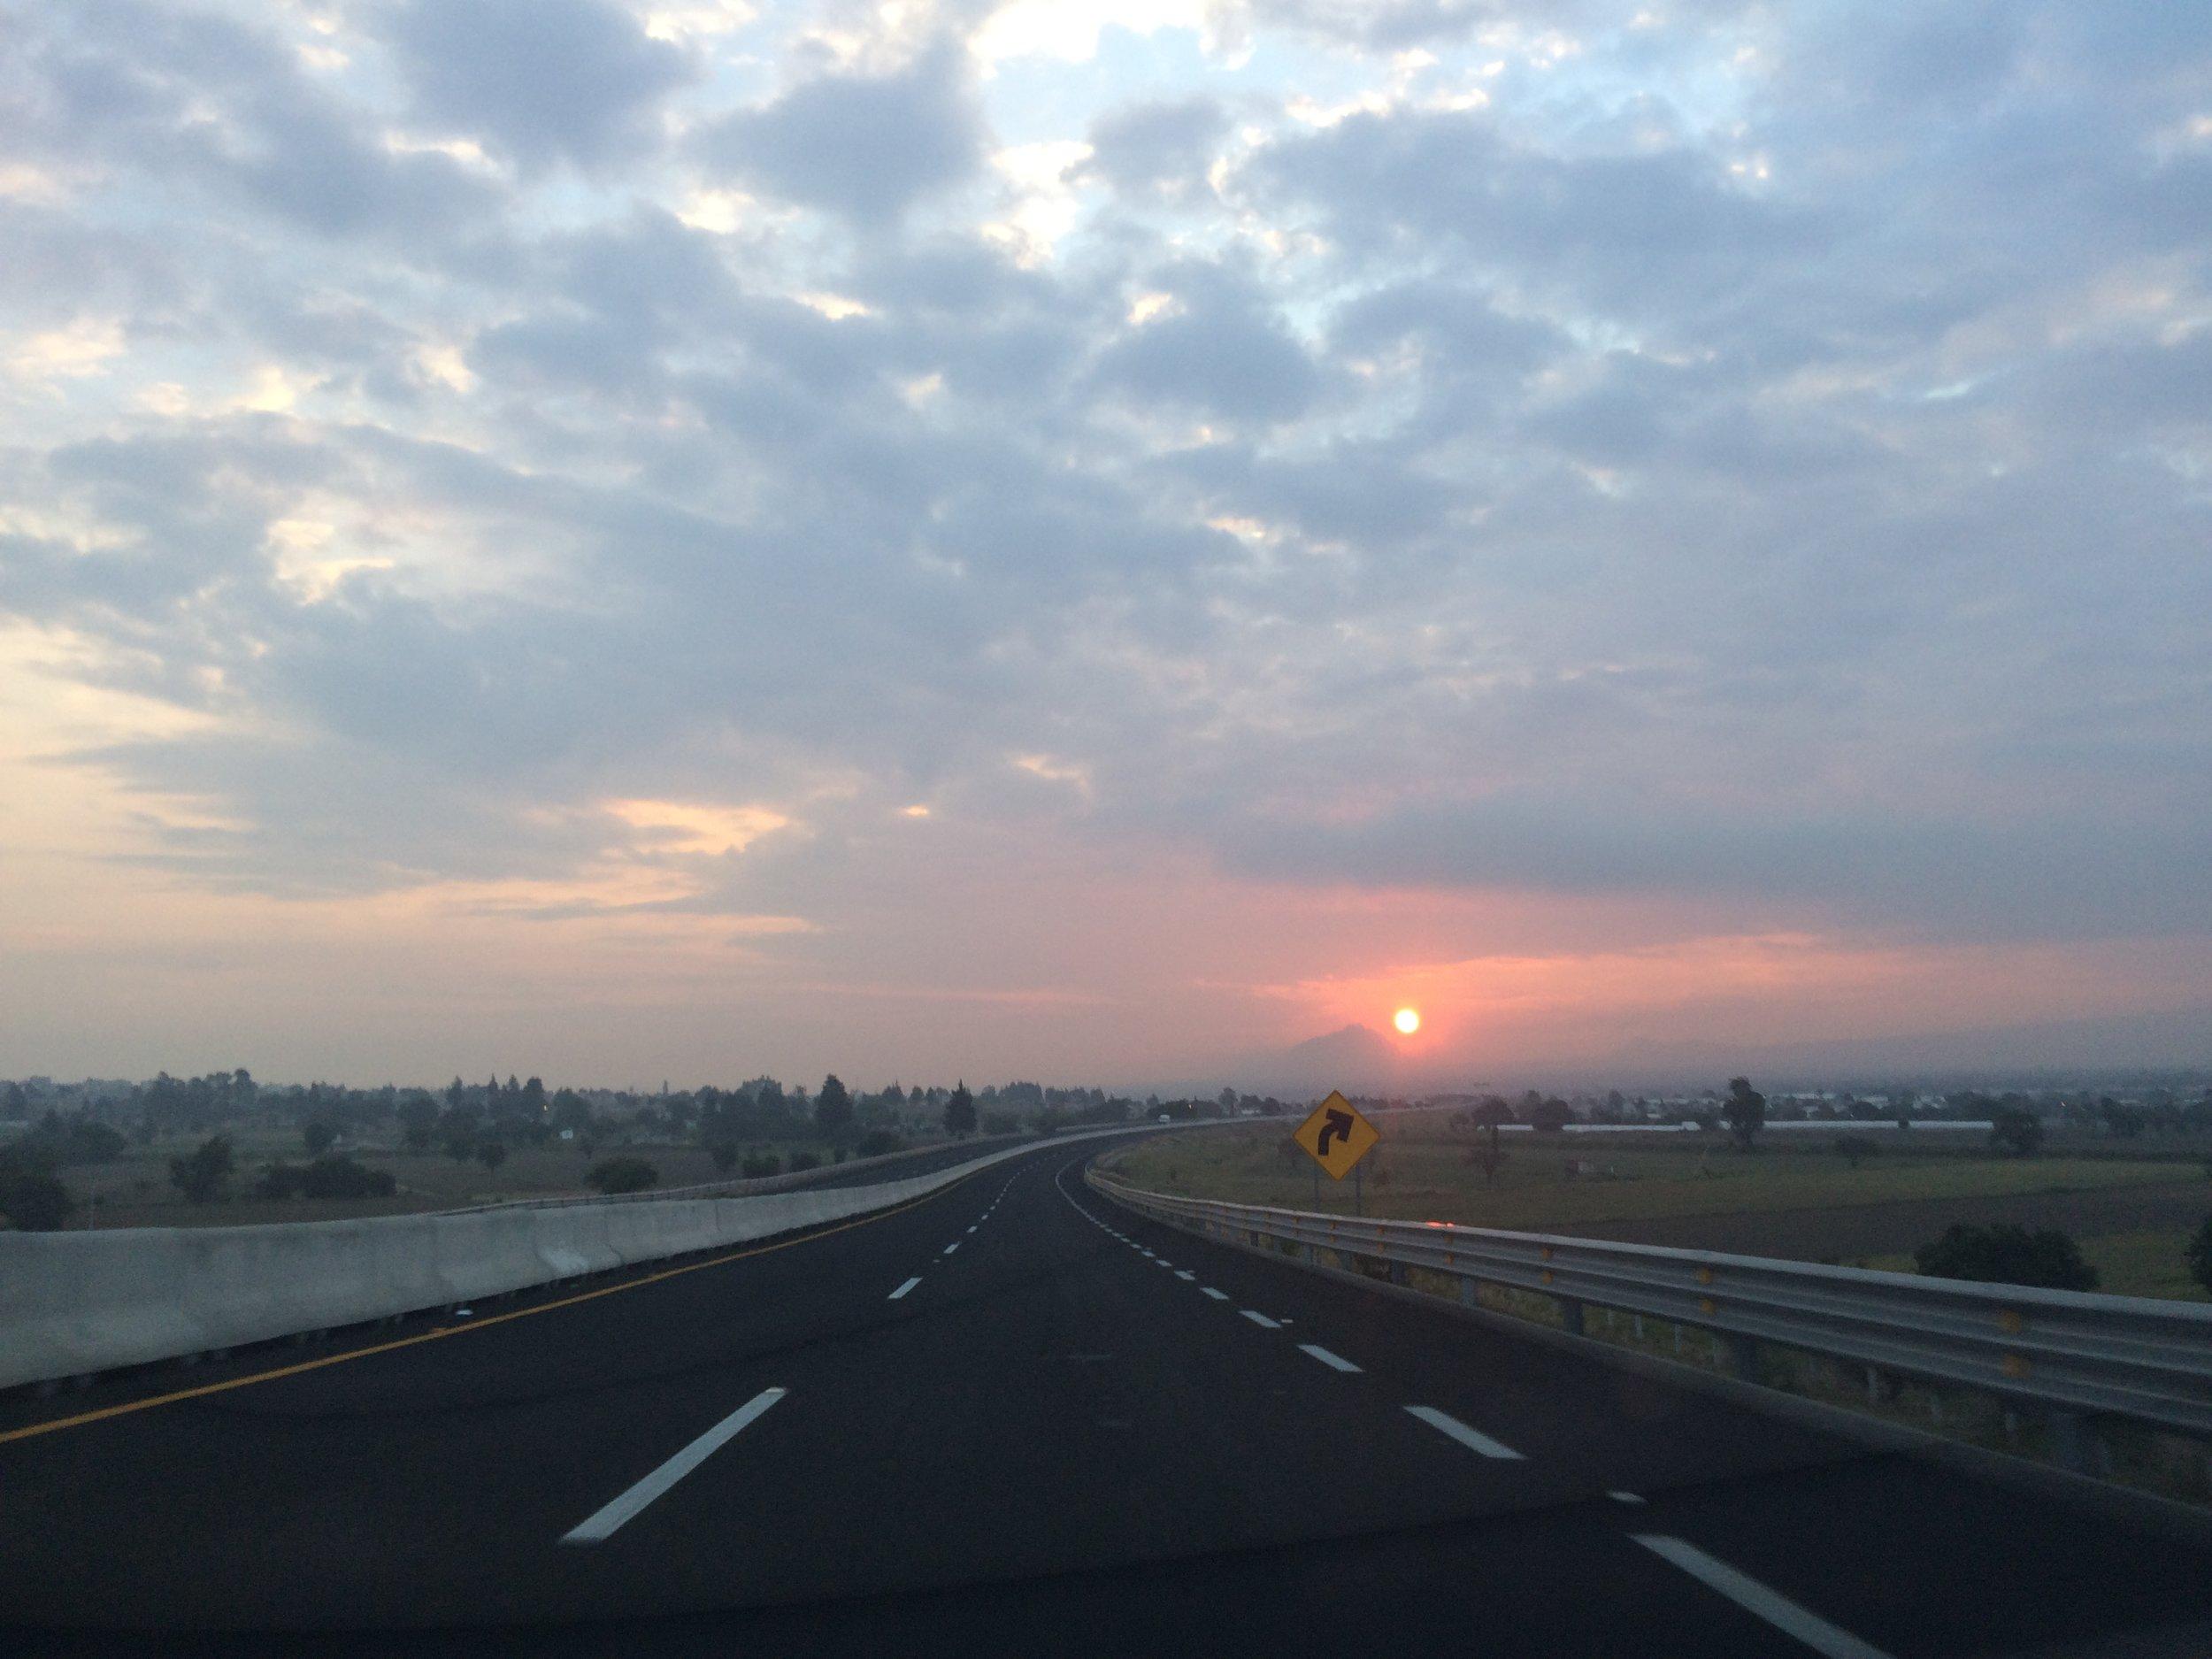 Pueblan sunrise